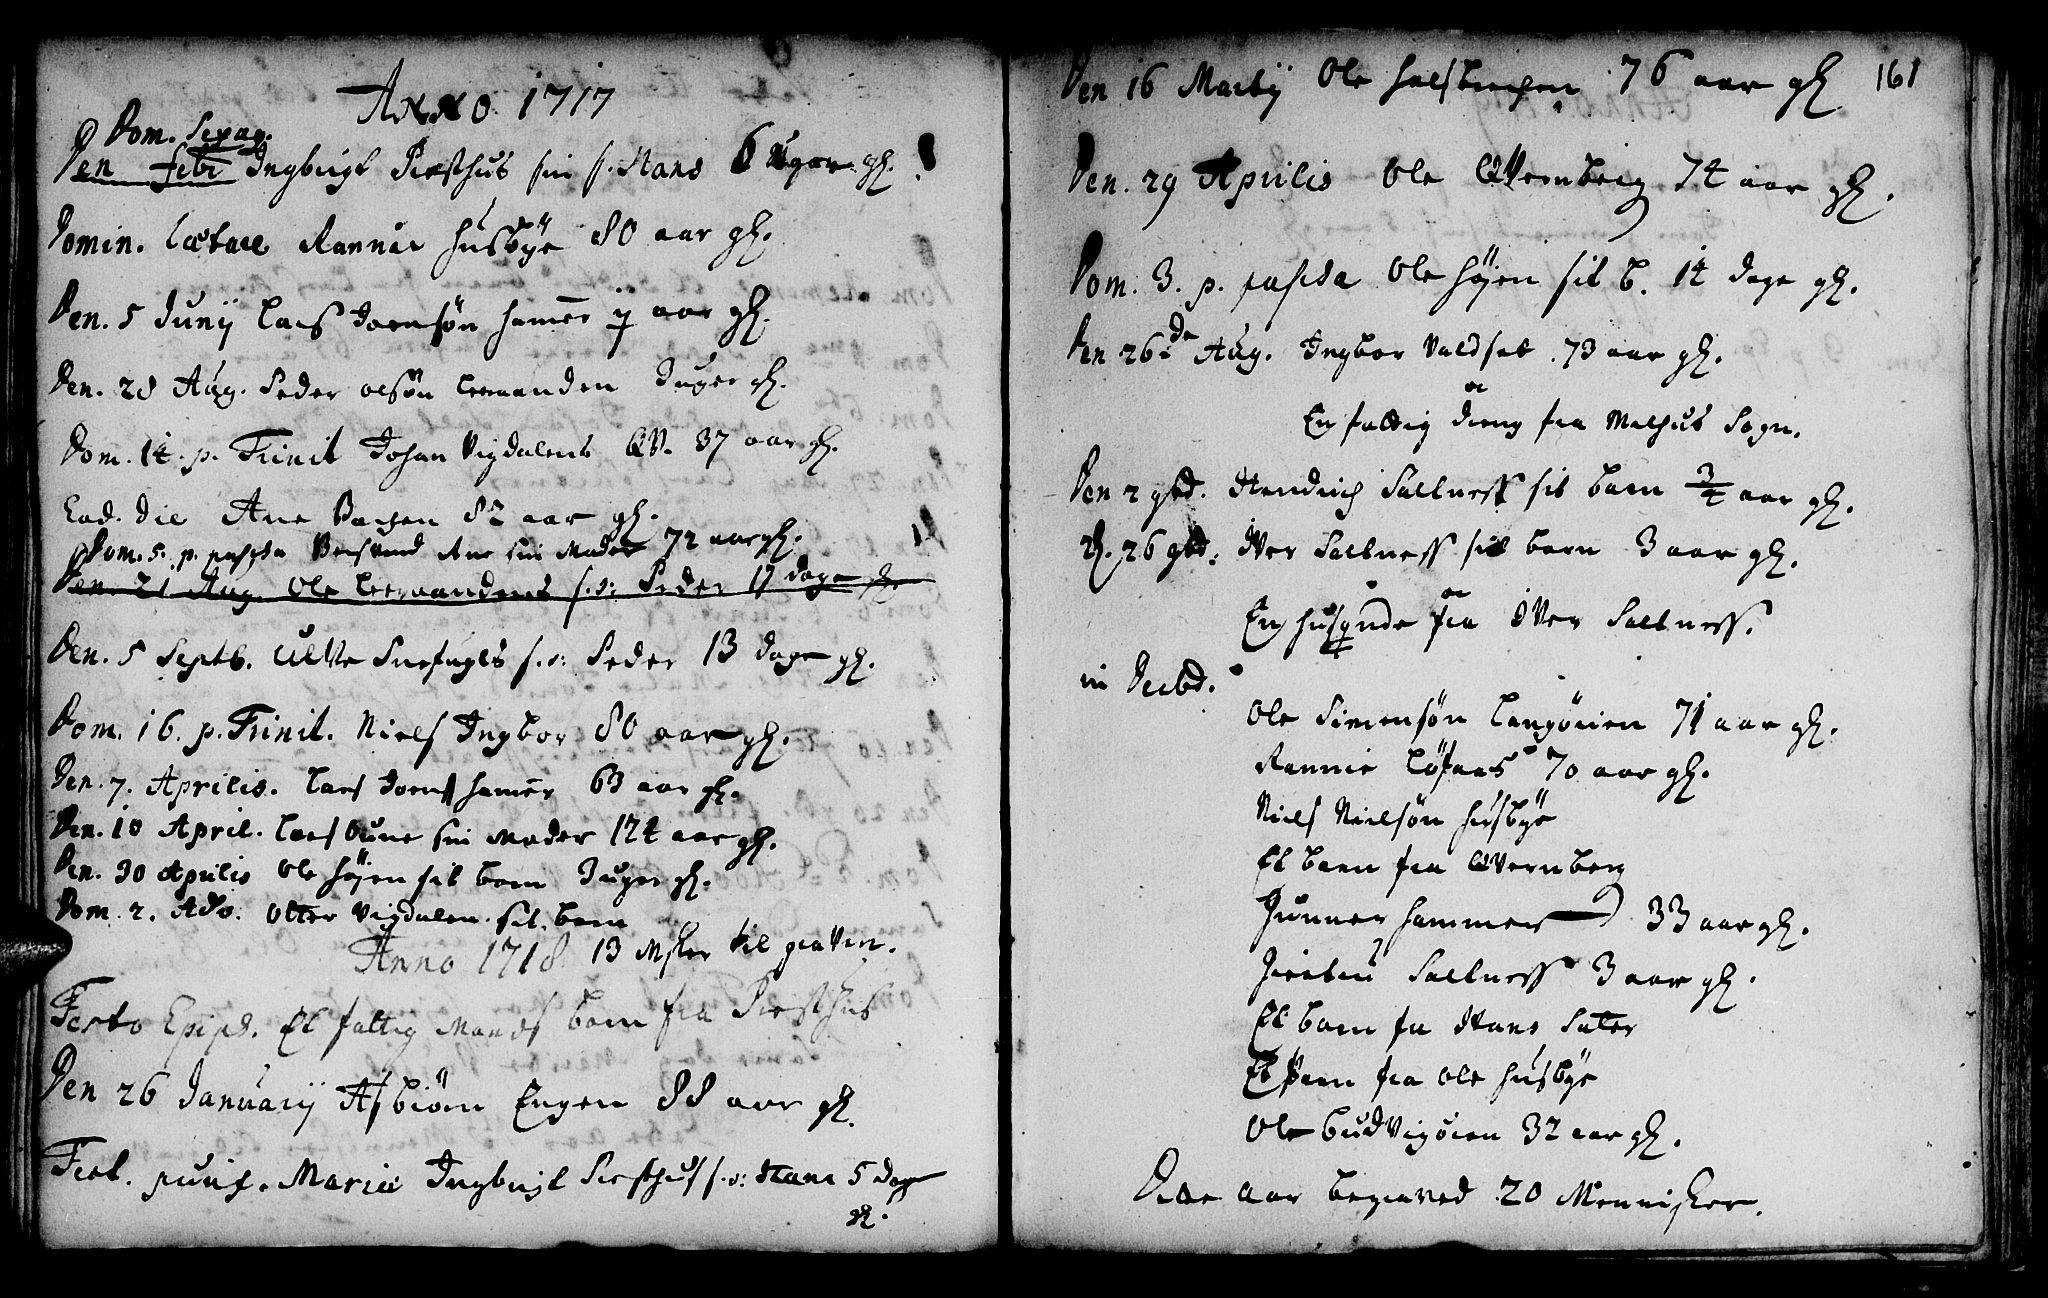 SAT, Ministerialprotokoller, klokkerbøker og fødselsregistre - Sør-Trøndelag, 666/L0783: Ministerialbok nr. 666A01, 1702-1753, s. 161